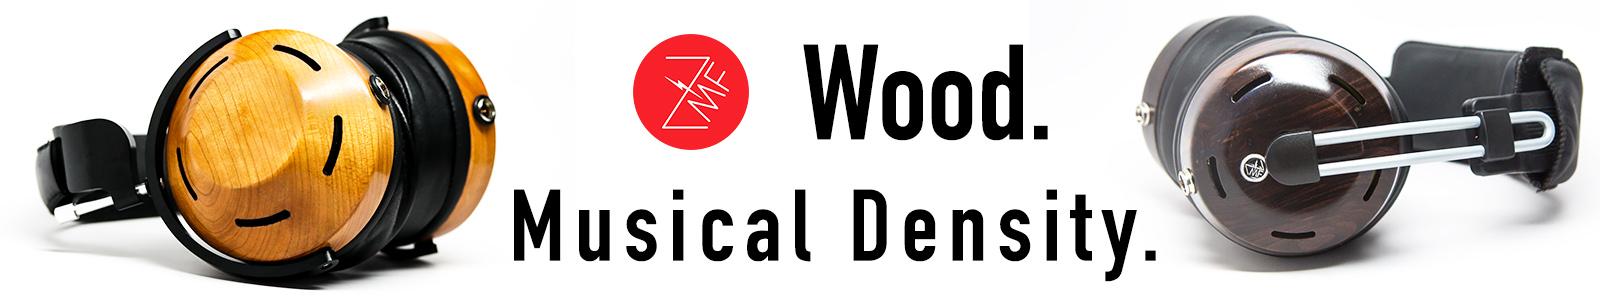 Wood banner1.jpg